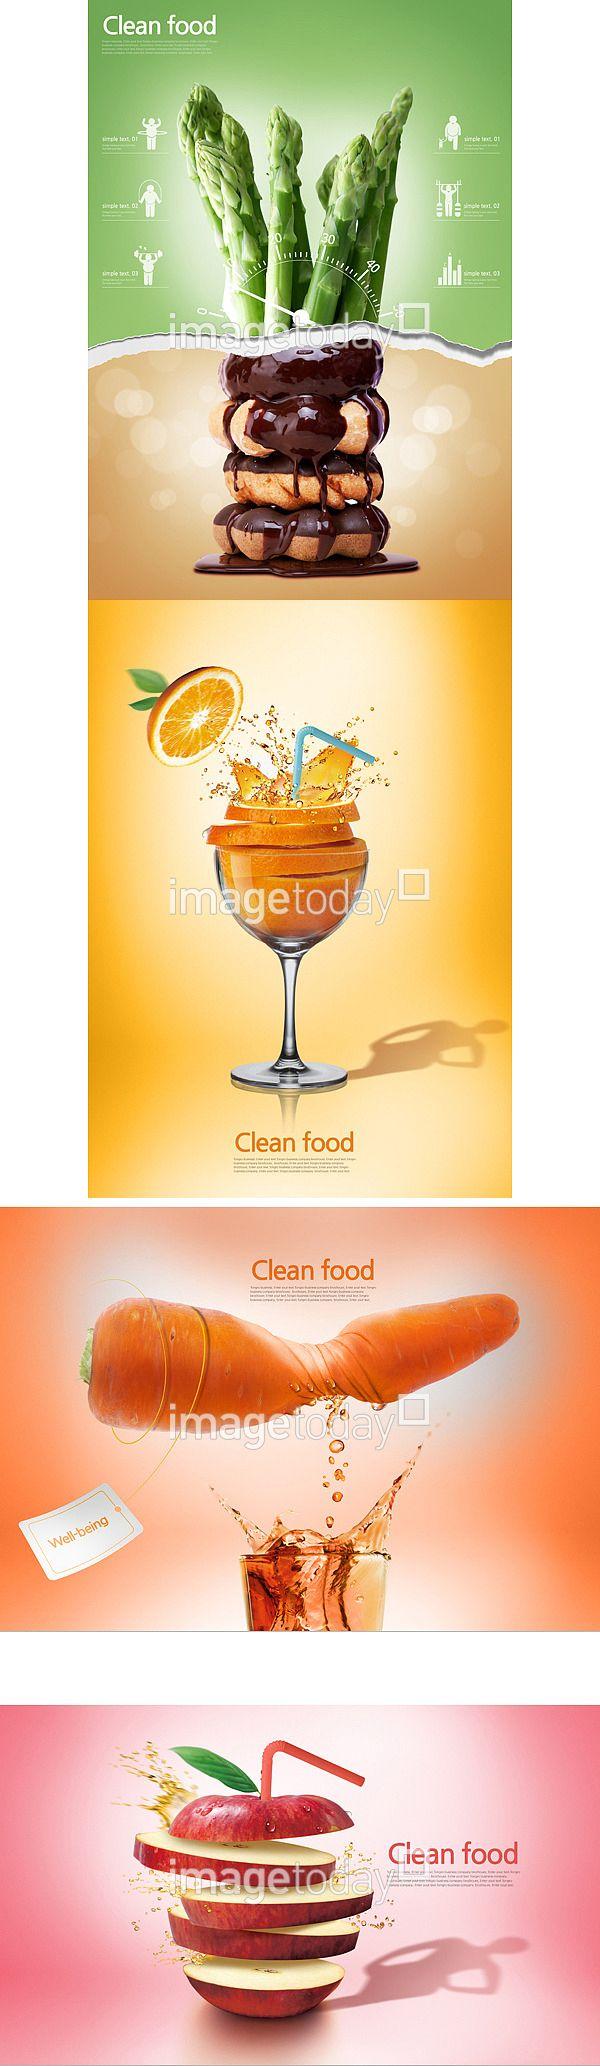 디자인소스 이미지투데이 imagetoday 클립아트코리아 clipartkorea 통로이미지 tongroimages PSD 건강 다이어트 디자인 도넛 아이콘 채소 인포그래픽 음식 오브젝트 합성 초콜릿 칼로리 컨셉 아스파라거스 주스 오렌지 사과 당근 health diet design doughnut vegetable infographic food object composite chocolate calories concept asparagus juice orange apple carrot